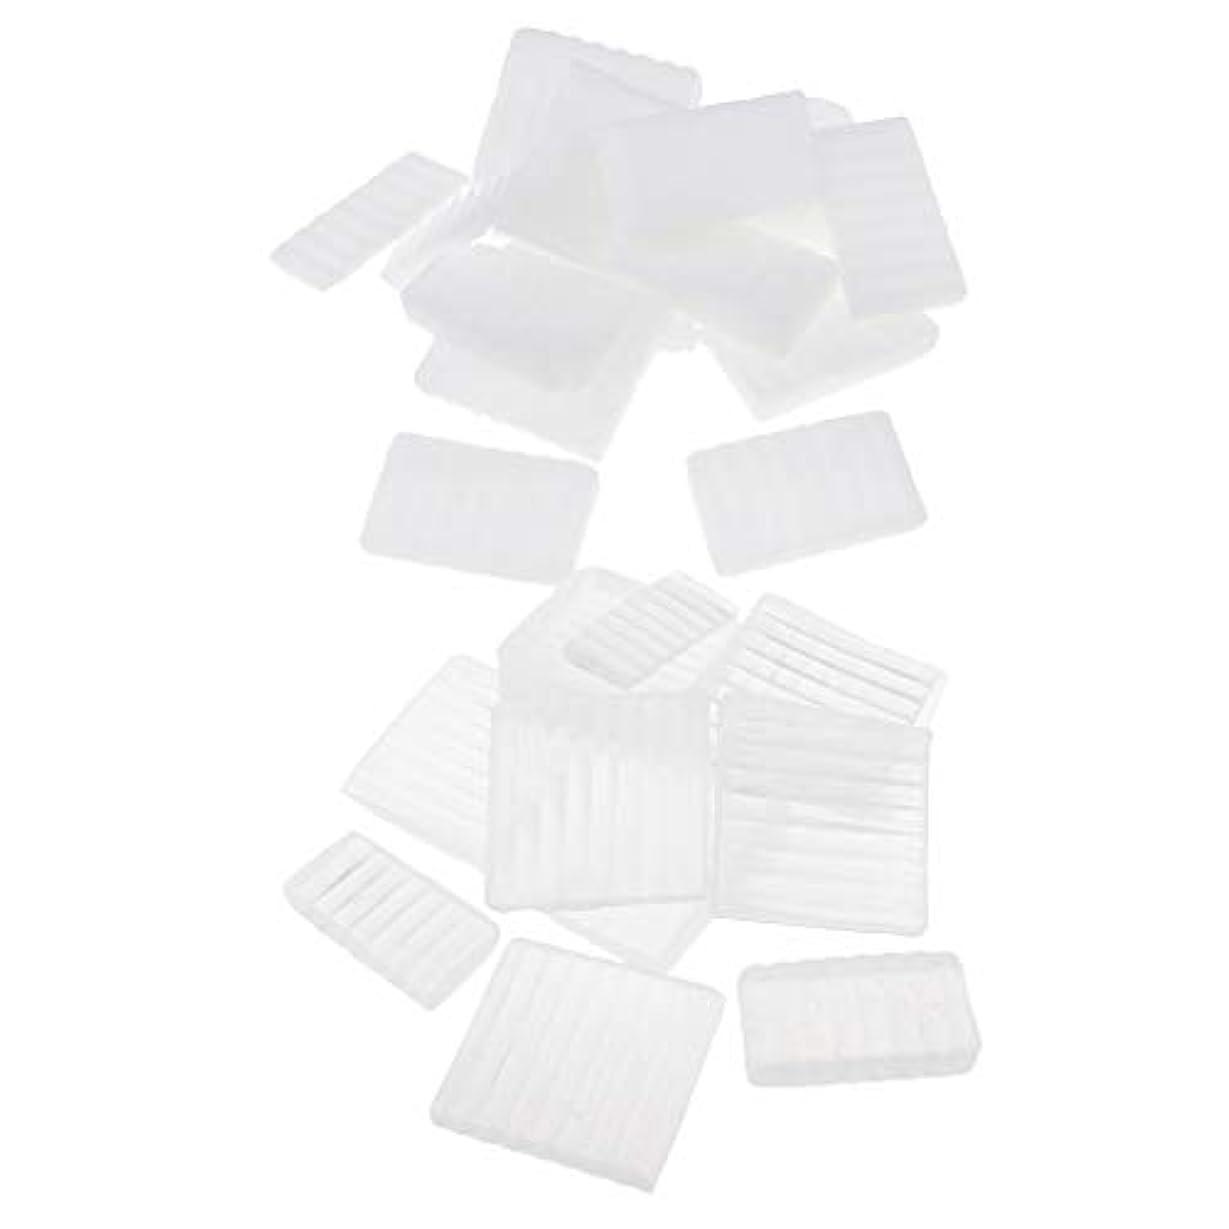 放散する応用五Baoblaze ソープベース 石鹸作り 手作りソープ素材 石けん 石鹸素地 作り ソープ 手作り